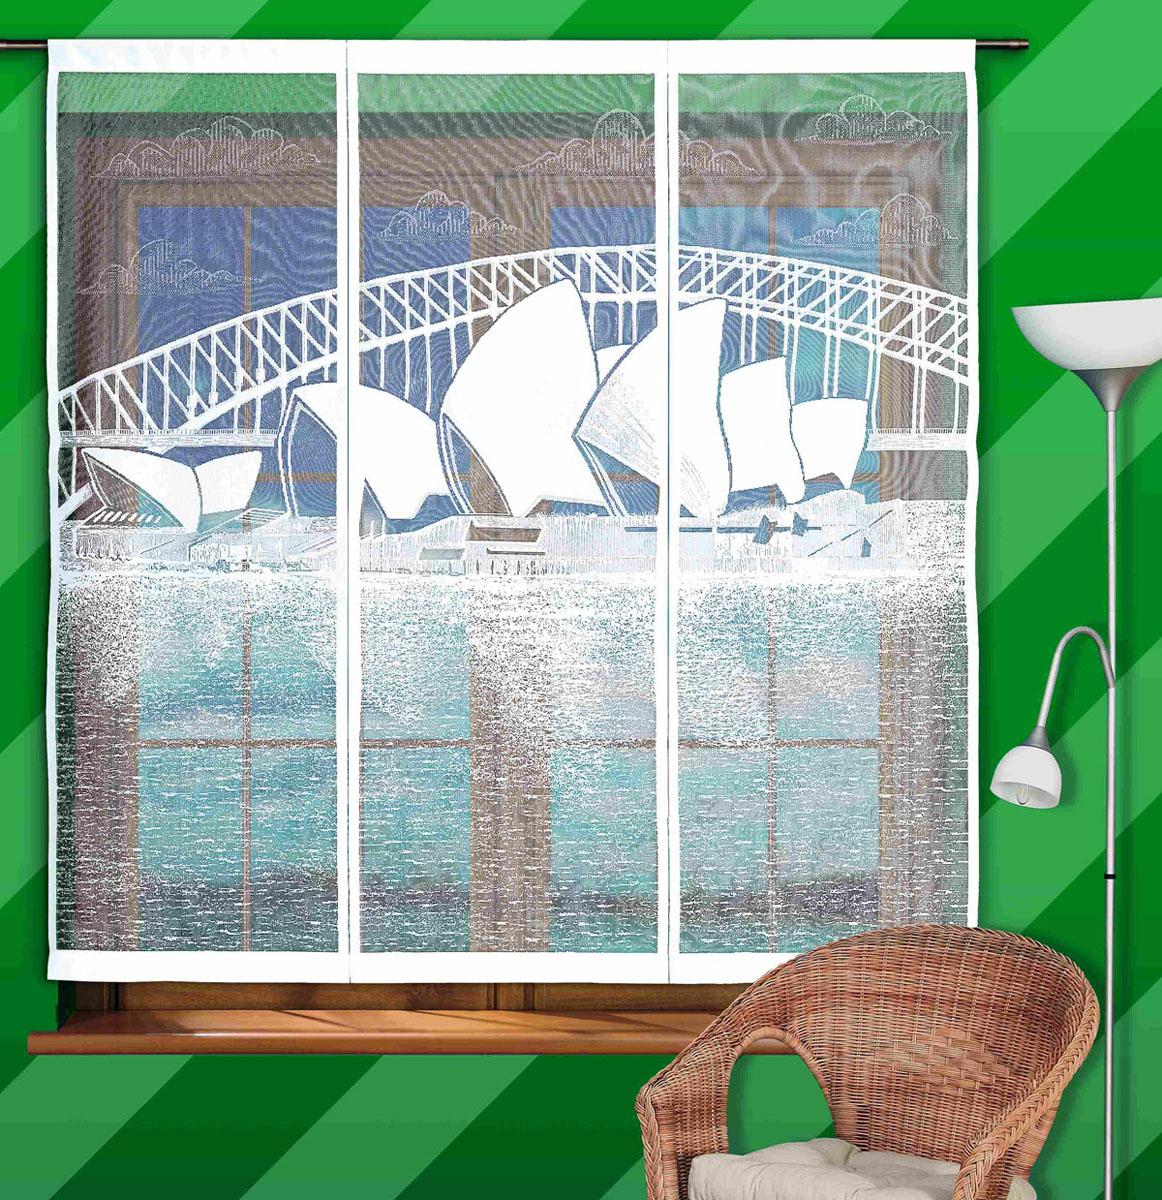 Гардина-панно Sidney, на кулиске, цвет: белый, высота 160 см725977Воздушная гардина-панно Sidney, изготовленная из полиэстера белого цвета, станет великолепным украшением любого окна. Тонкое плетение и оригинальный рисунок в виде здания Оперы в Сиднее привлечет к себе внимание и органично впишется в интерьер. Гардина оснащена кулиской для крепления на круглый карниз. Характеристики:Материал: 100% полиэстер. Цвет: белый. Высота кулиски: 7 см. Размер упаковки:27 см х 36 см х 3 см. Артикул: 747139. В комплект входит: Гардина-панно - 1 шт. Размер (ШхВ): 150 см х 160 см. Фирма Wisan на польском рынке существует уже более пятидесяти лет и является одной из лучших польских фабрик по производству штор и тканей. Ассортимент фирмы представлен готовыми комплектами штор для гостиной, детской, кухни, а также текстилем для кухни (скатерти, салфетки, дорожки, кухонные занавески). Модельный ряд отличает оригинальный дизайн, высокое качество. Ассортимент продукции постоянно пополняется.